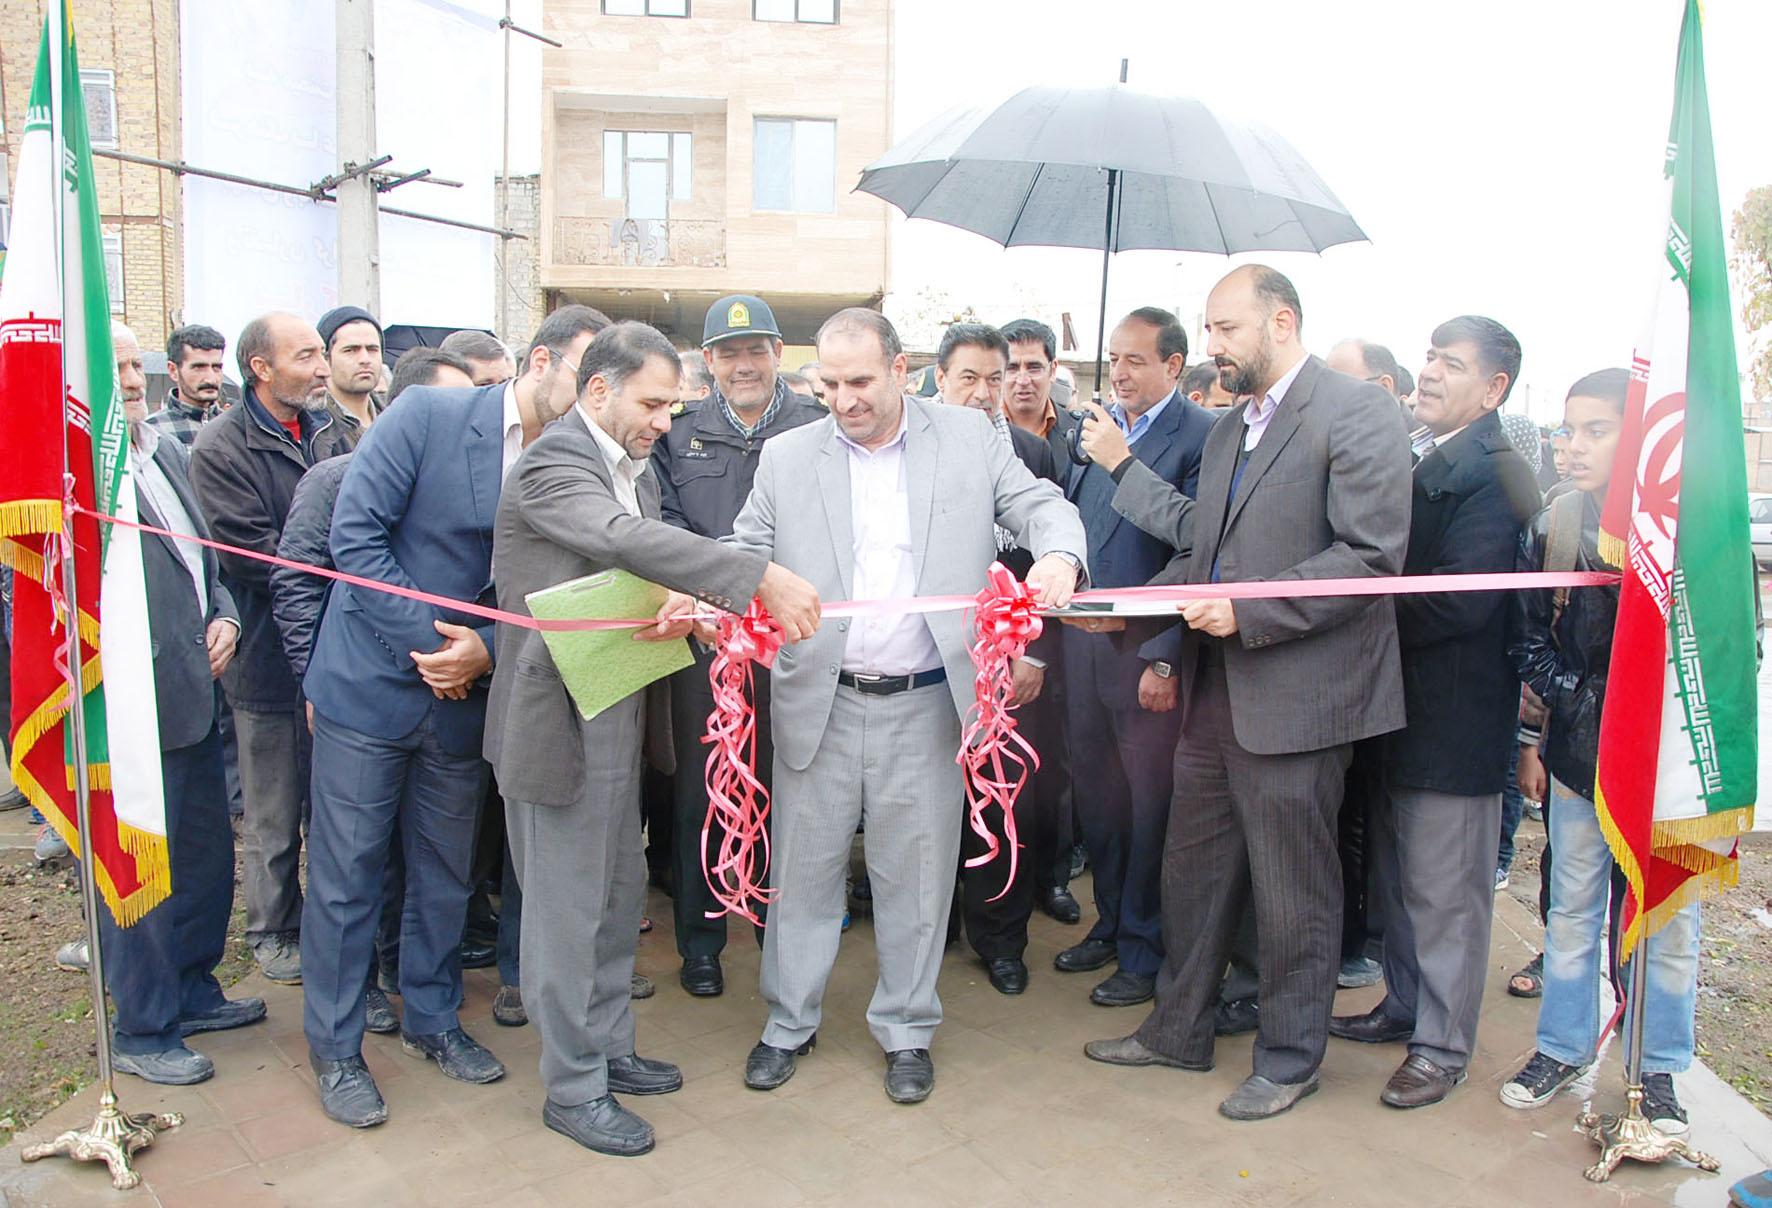 افتتاح نخستین پارک  در محله علیآباد نظرآباد